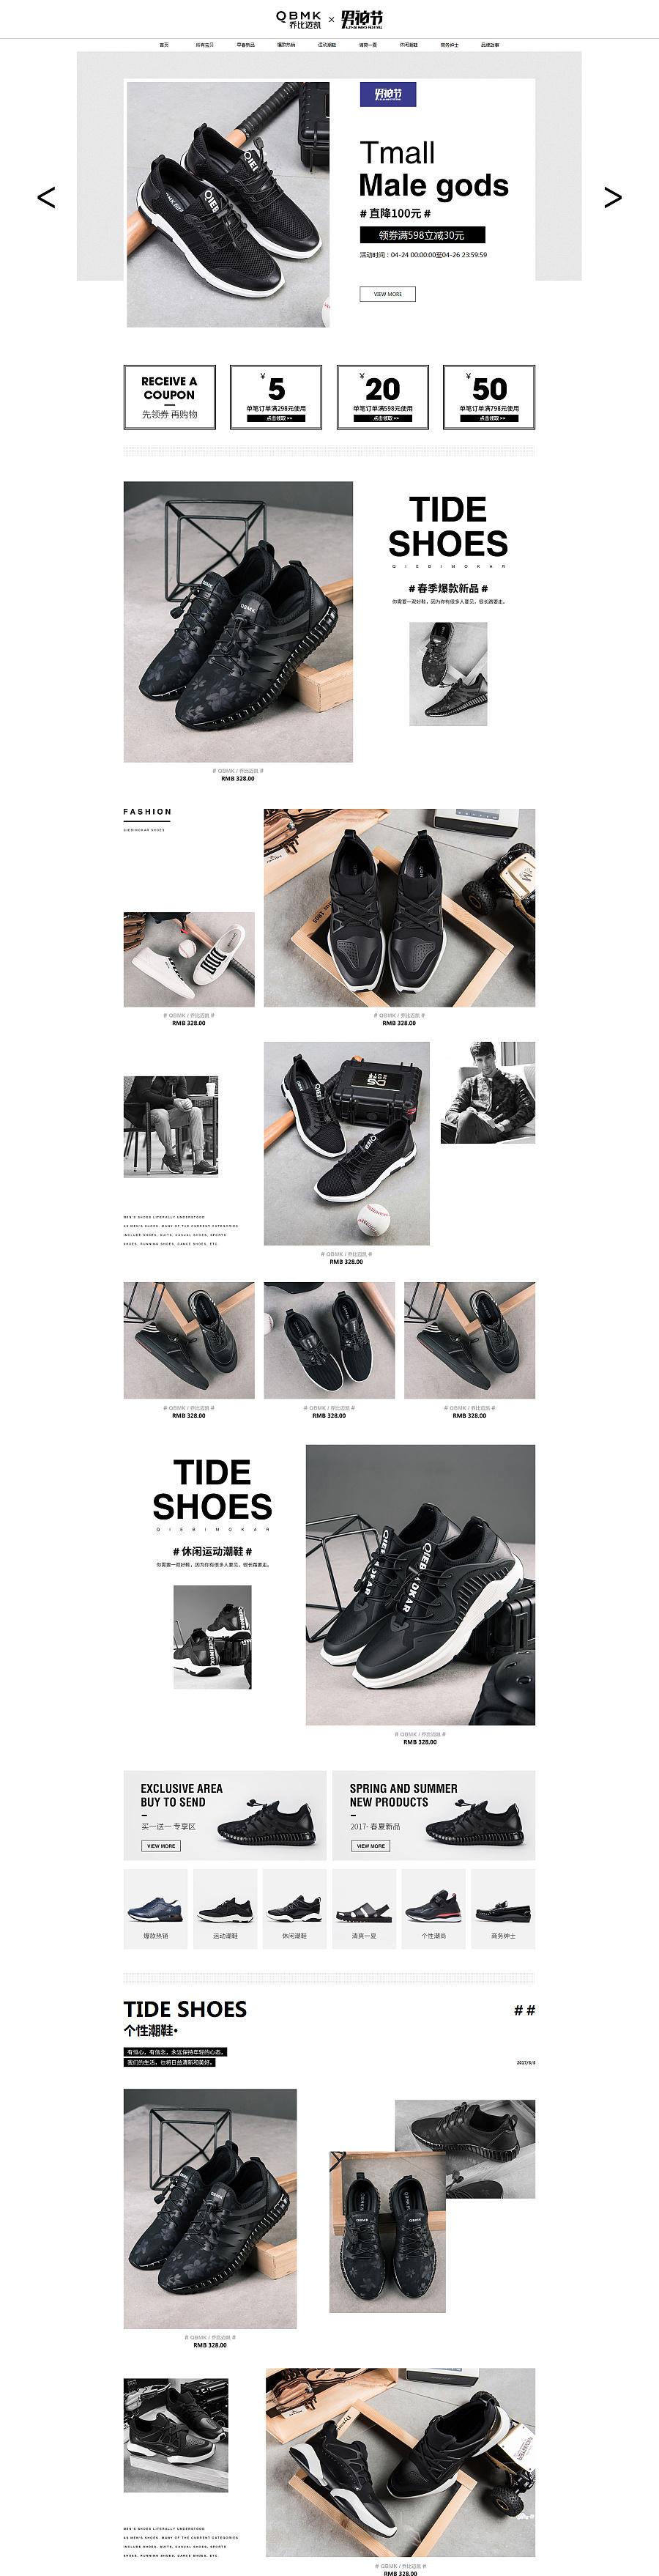 查看《【首页】乔比迈凯男鞋男神节页面》原图,原图尺寸:1920x7500